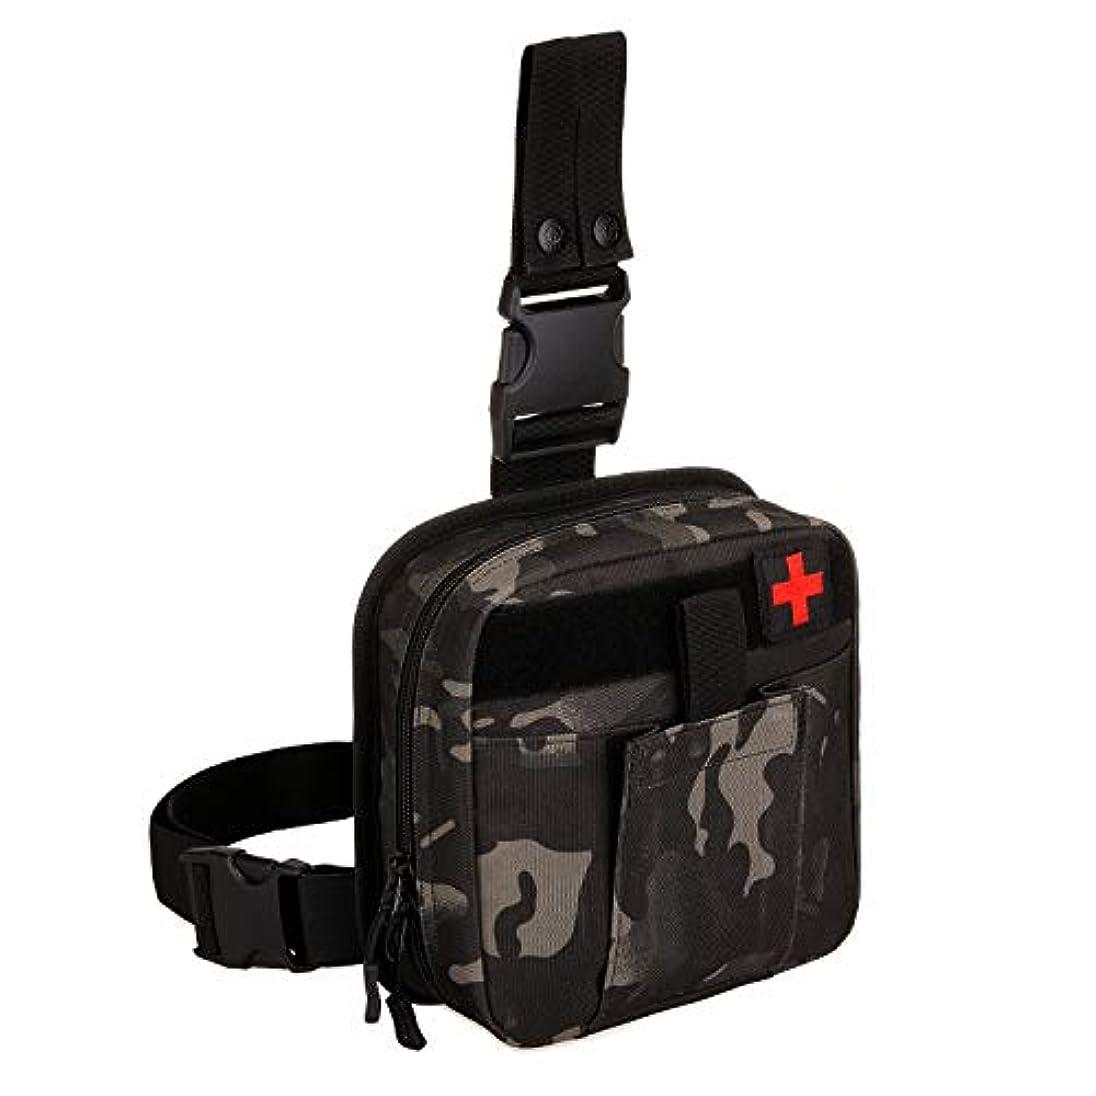 カリング武器曲SINAIRSOFT タクティカル ドロップレッグIFAKメディカルポーチバッグ、個別応急処置キットツール ファニーニーニーニーパック 調節可能 取り外し可能 職場 アウトドア キャンプ ハイキング サバイバル